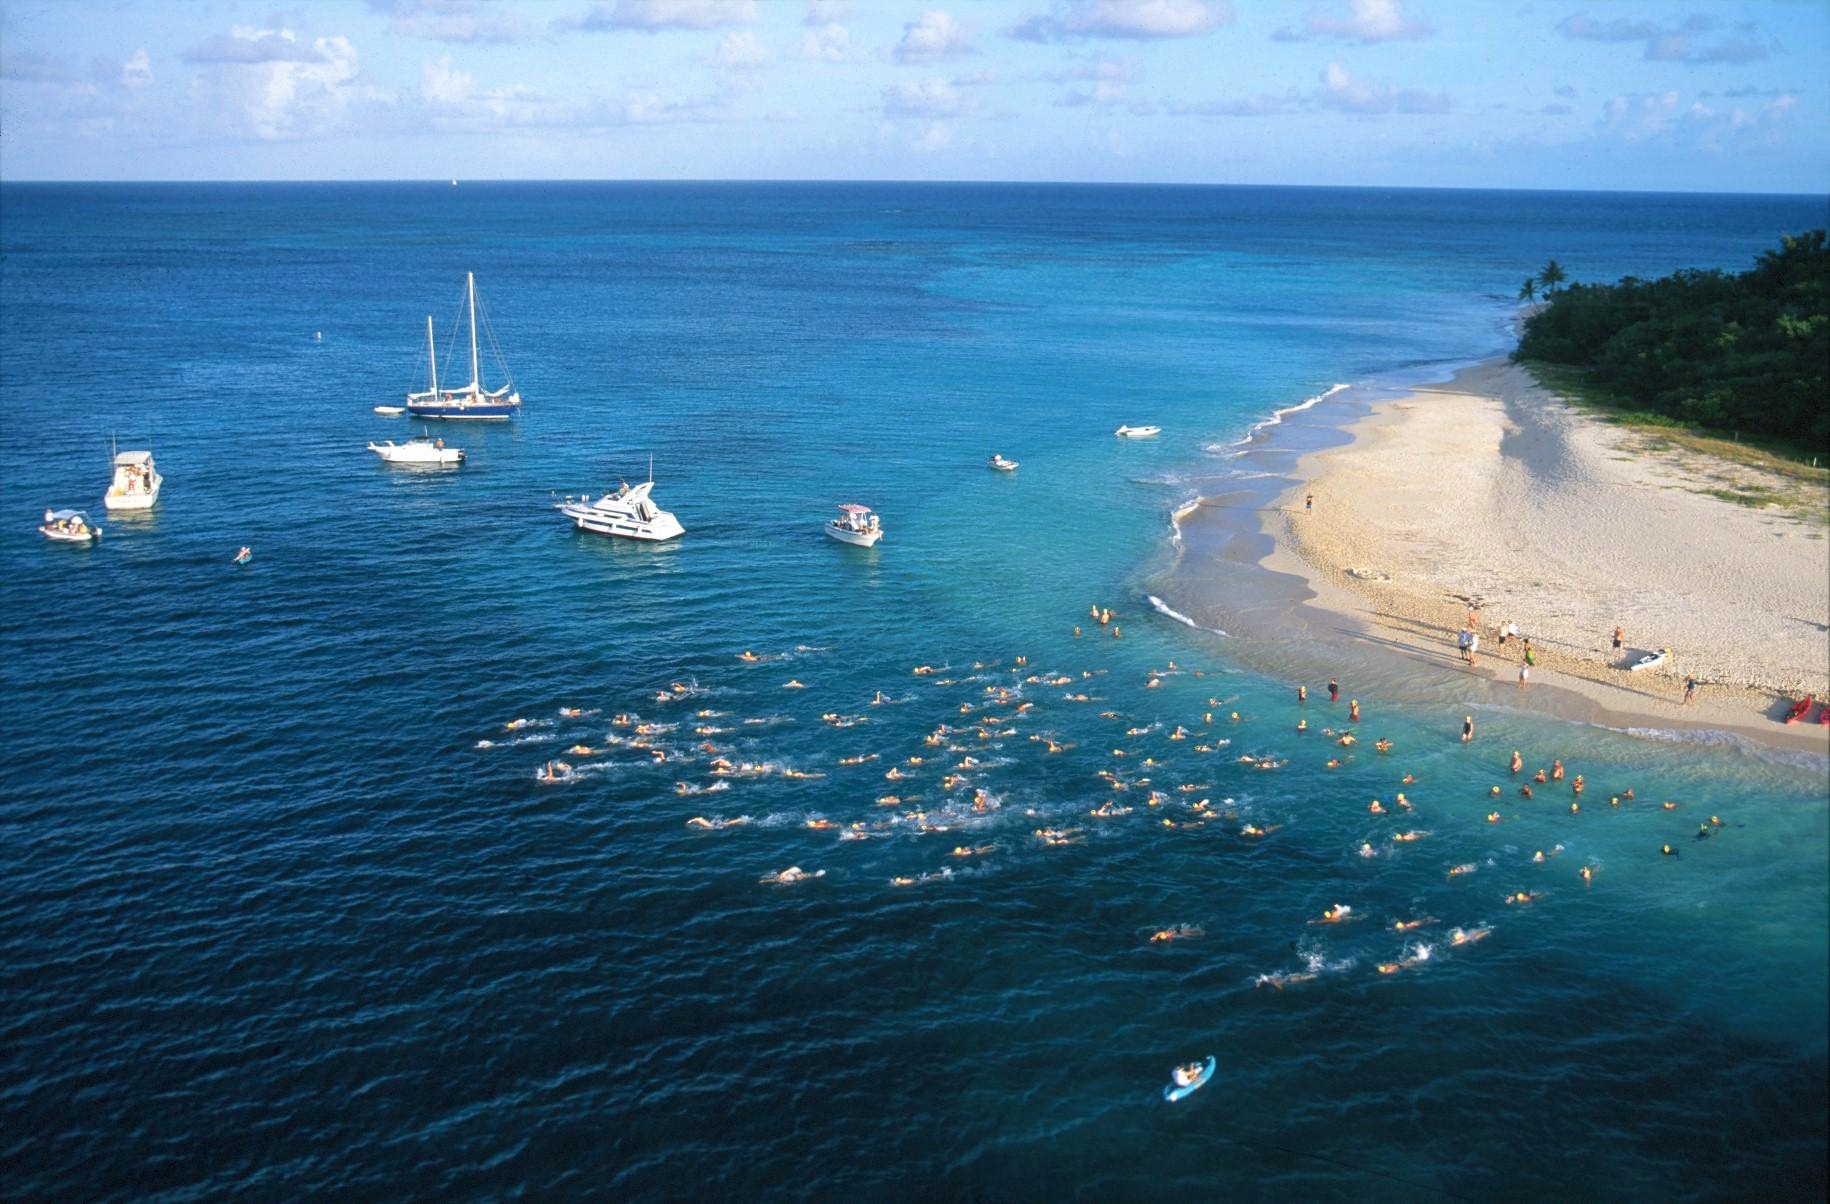 Deal alert: Flights to St. Croix, USVI for under $100 round-trip